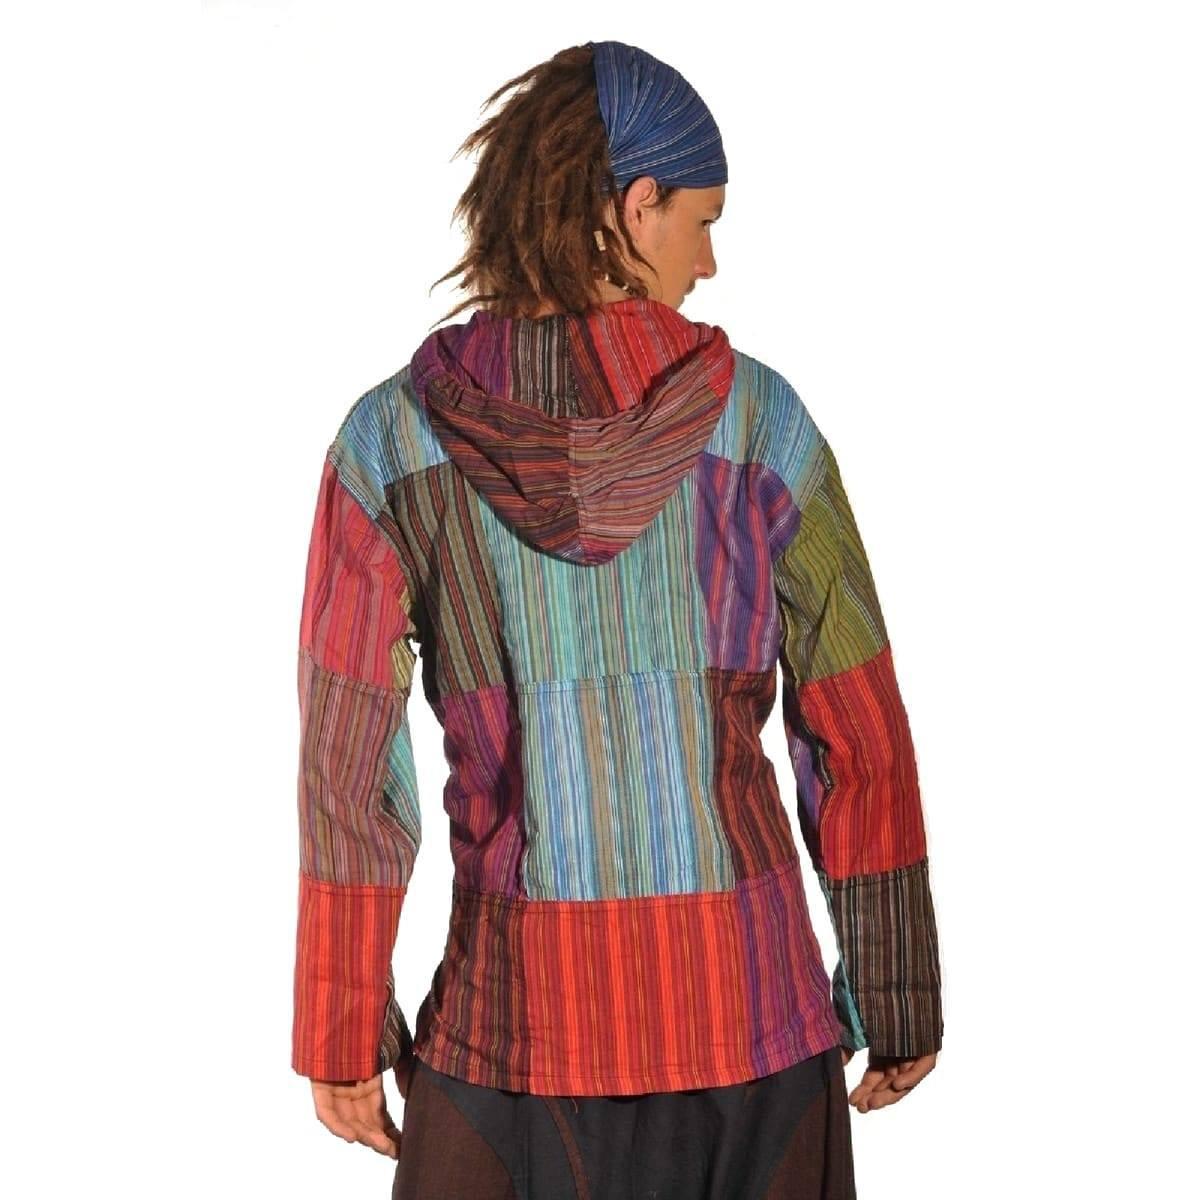 Patchwork Kapuze Hemd Pullover Shirt Fischerhemd Freizeit Hippie Kurt